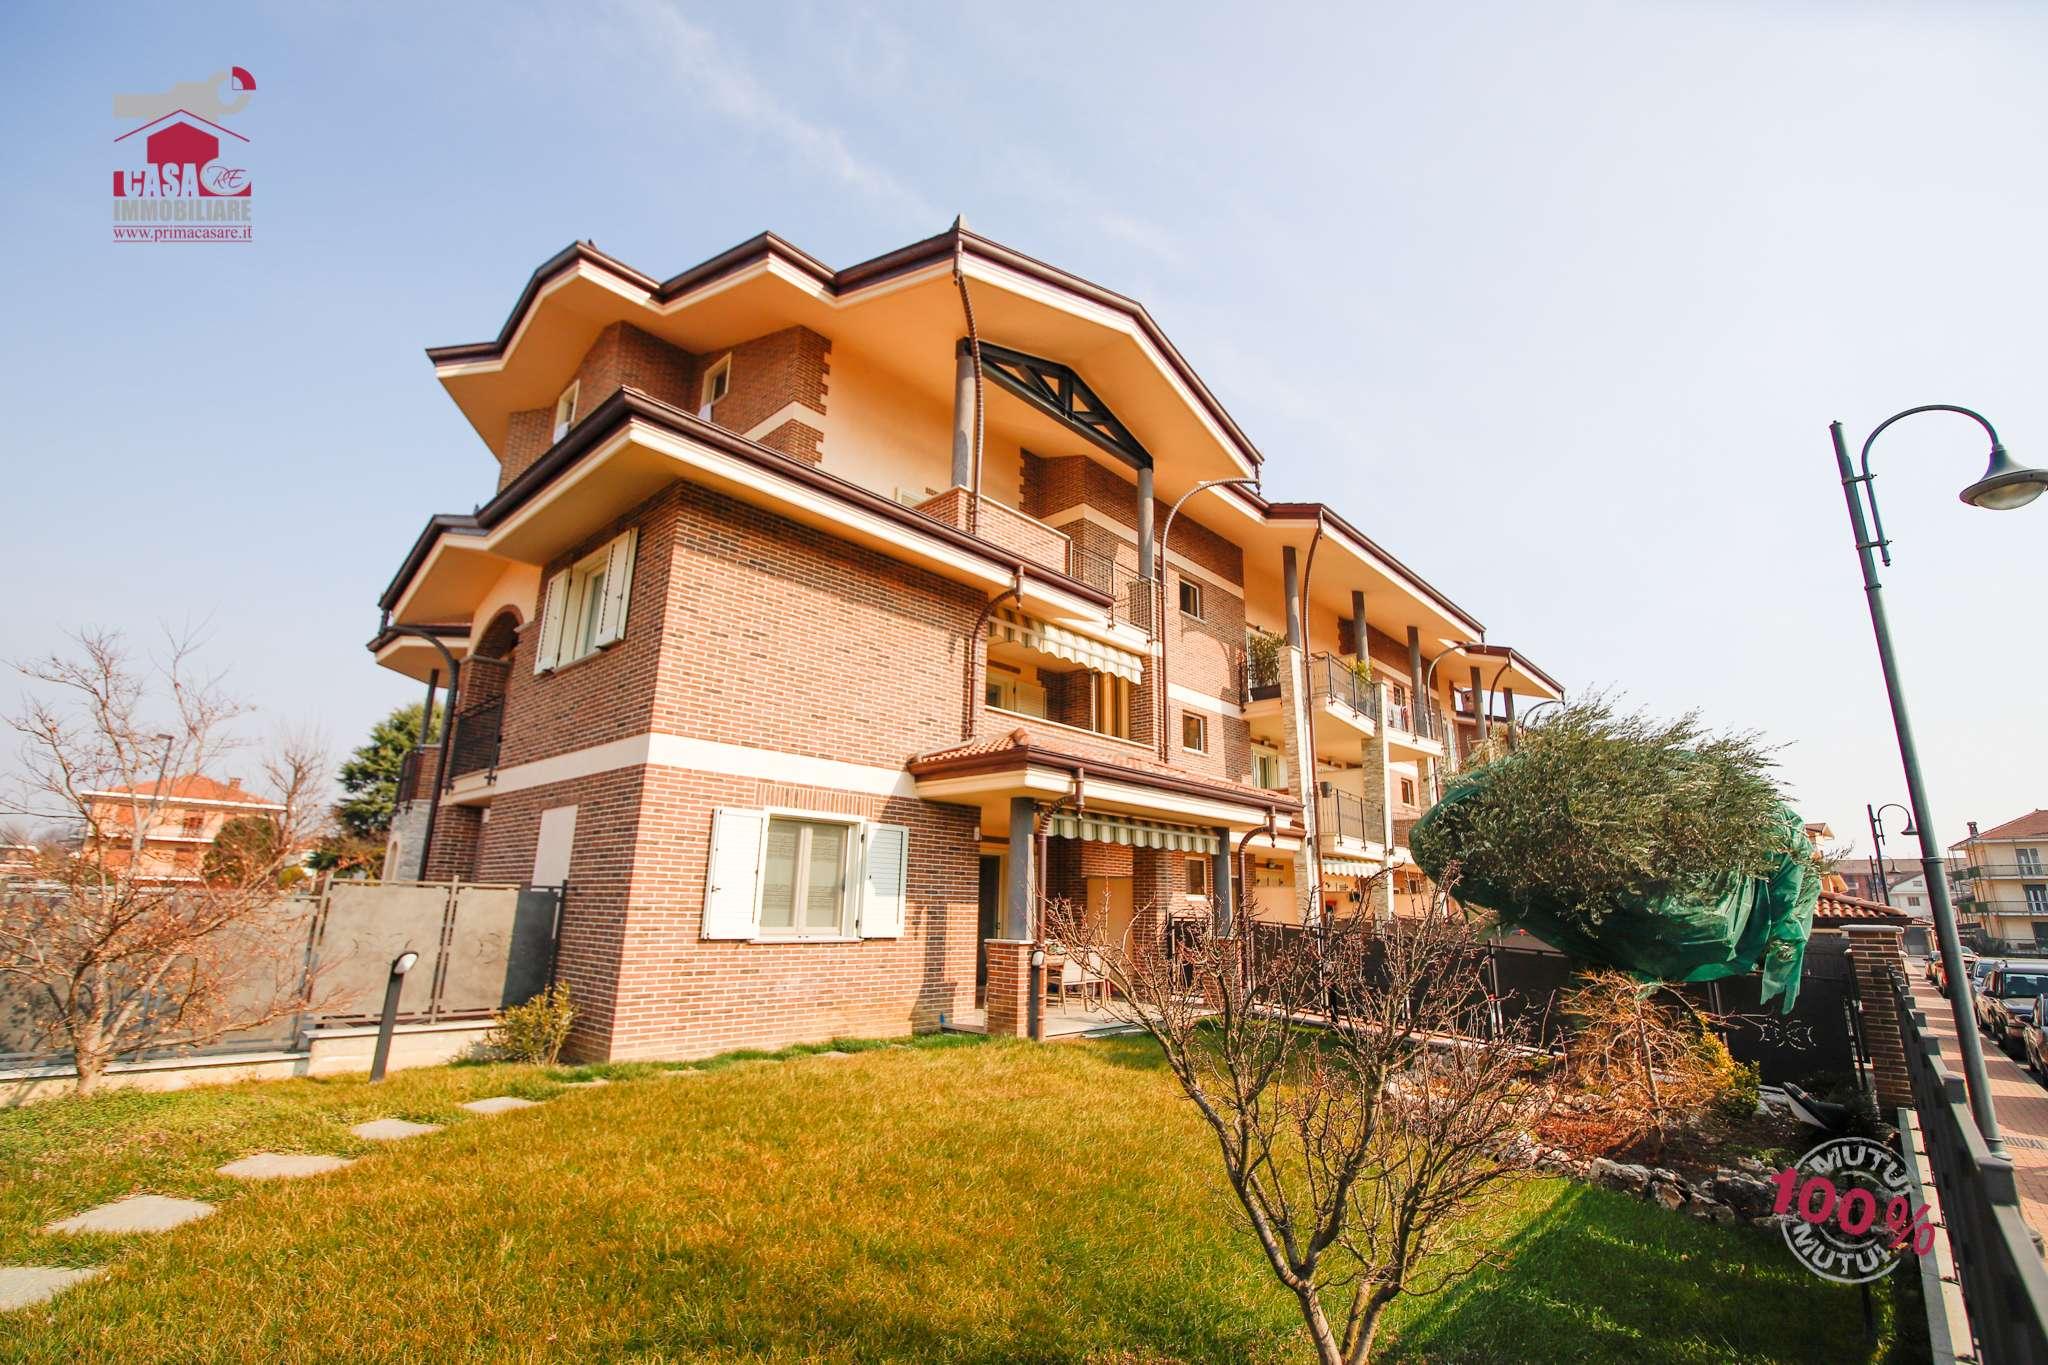 Appartamento in vendita a Leini, 3 locali, prezzo € 185.000 | PortaleAgenzieImmobiliari.it